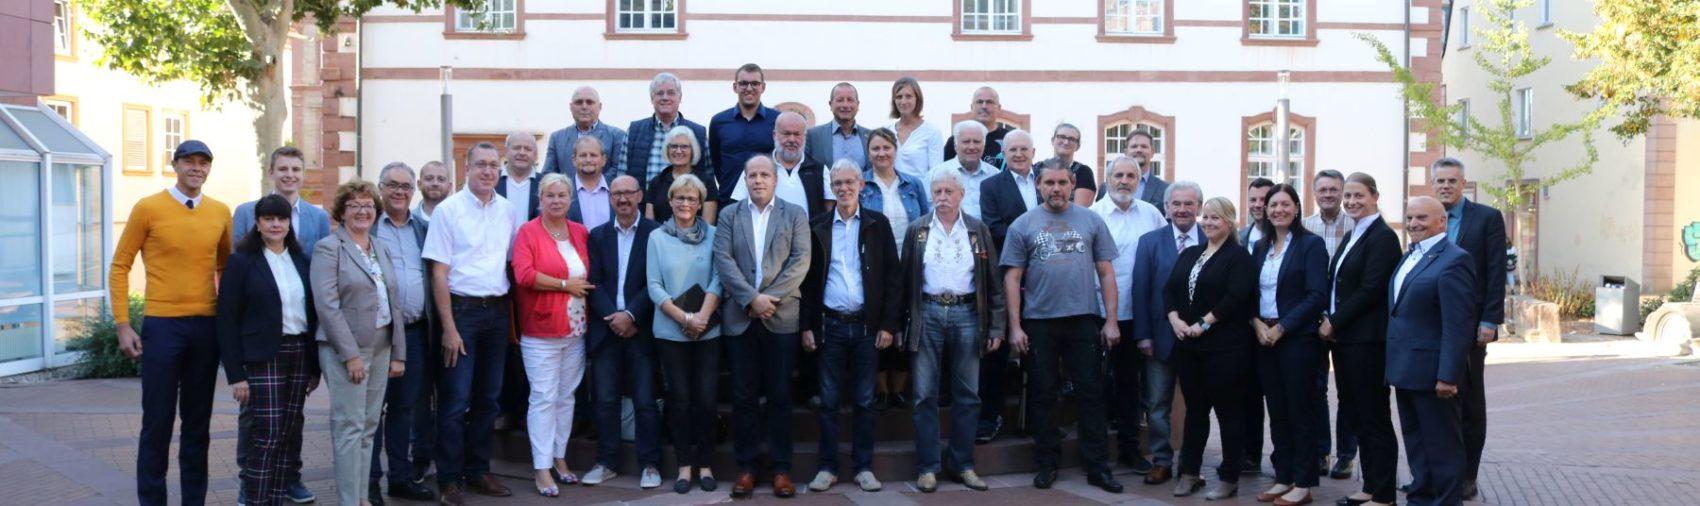 Stadtrat der Kreisstadt Merzig 2019